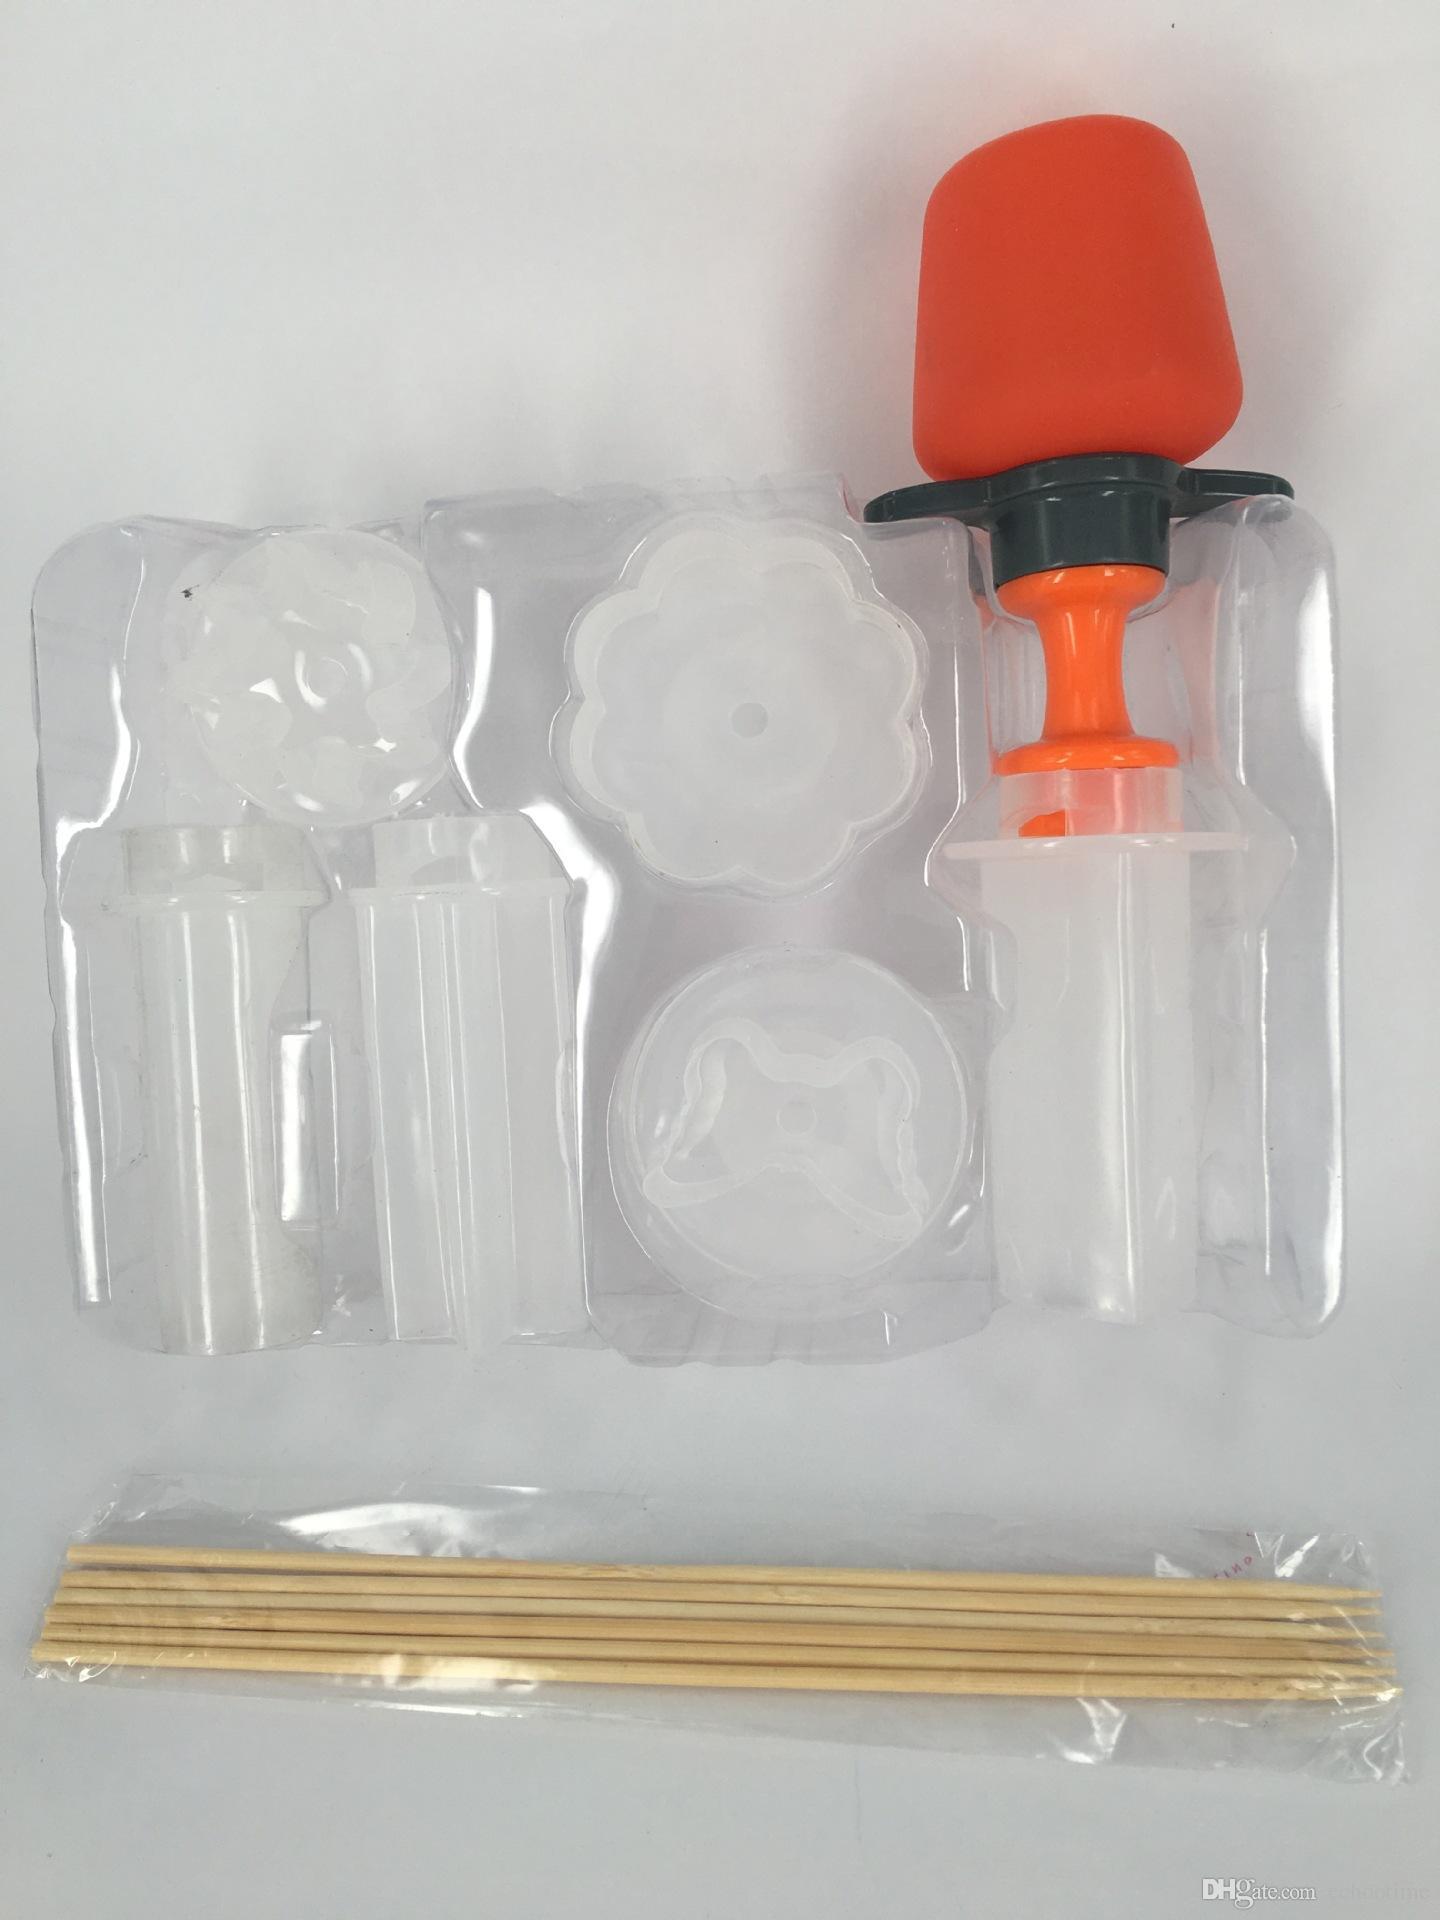 Echootime Kitchen Fruit Tools Plastic Vegetable Fruit Shape Cutter Slicer Veggie Food Snack Maker Cake Decorator Game